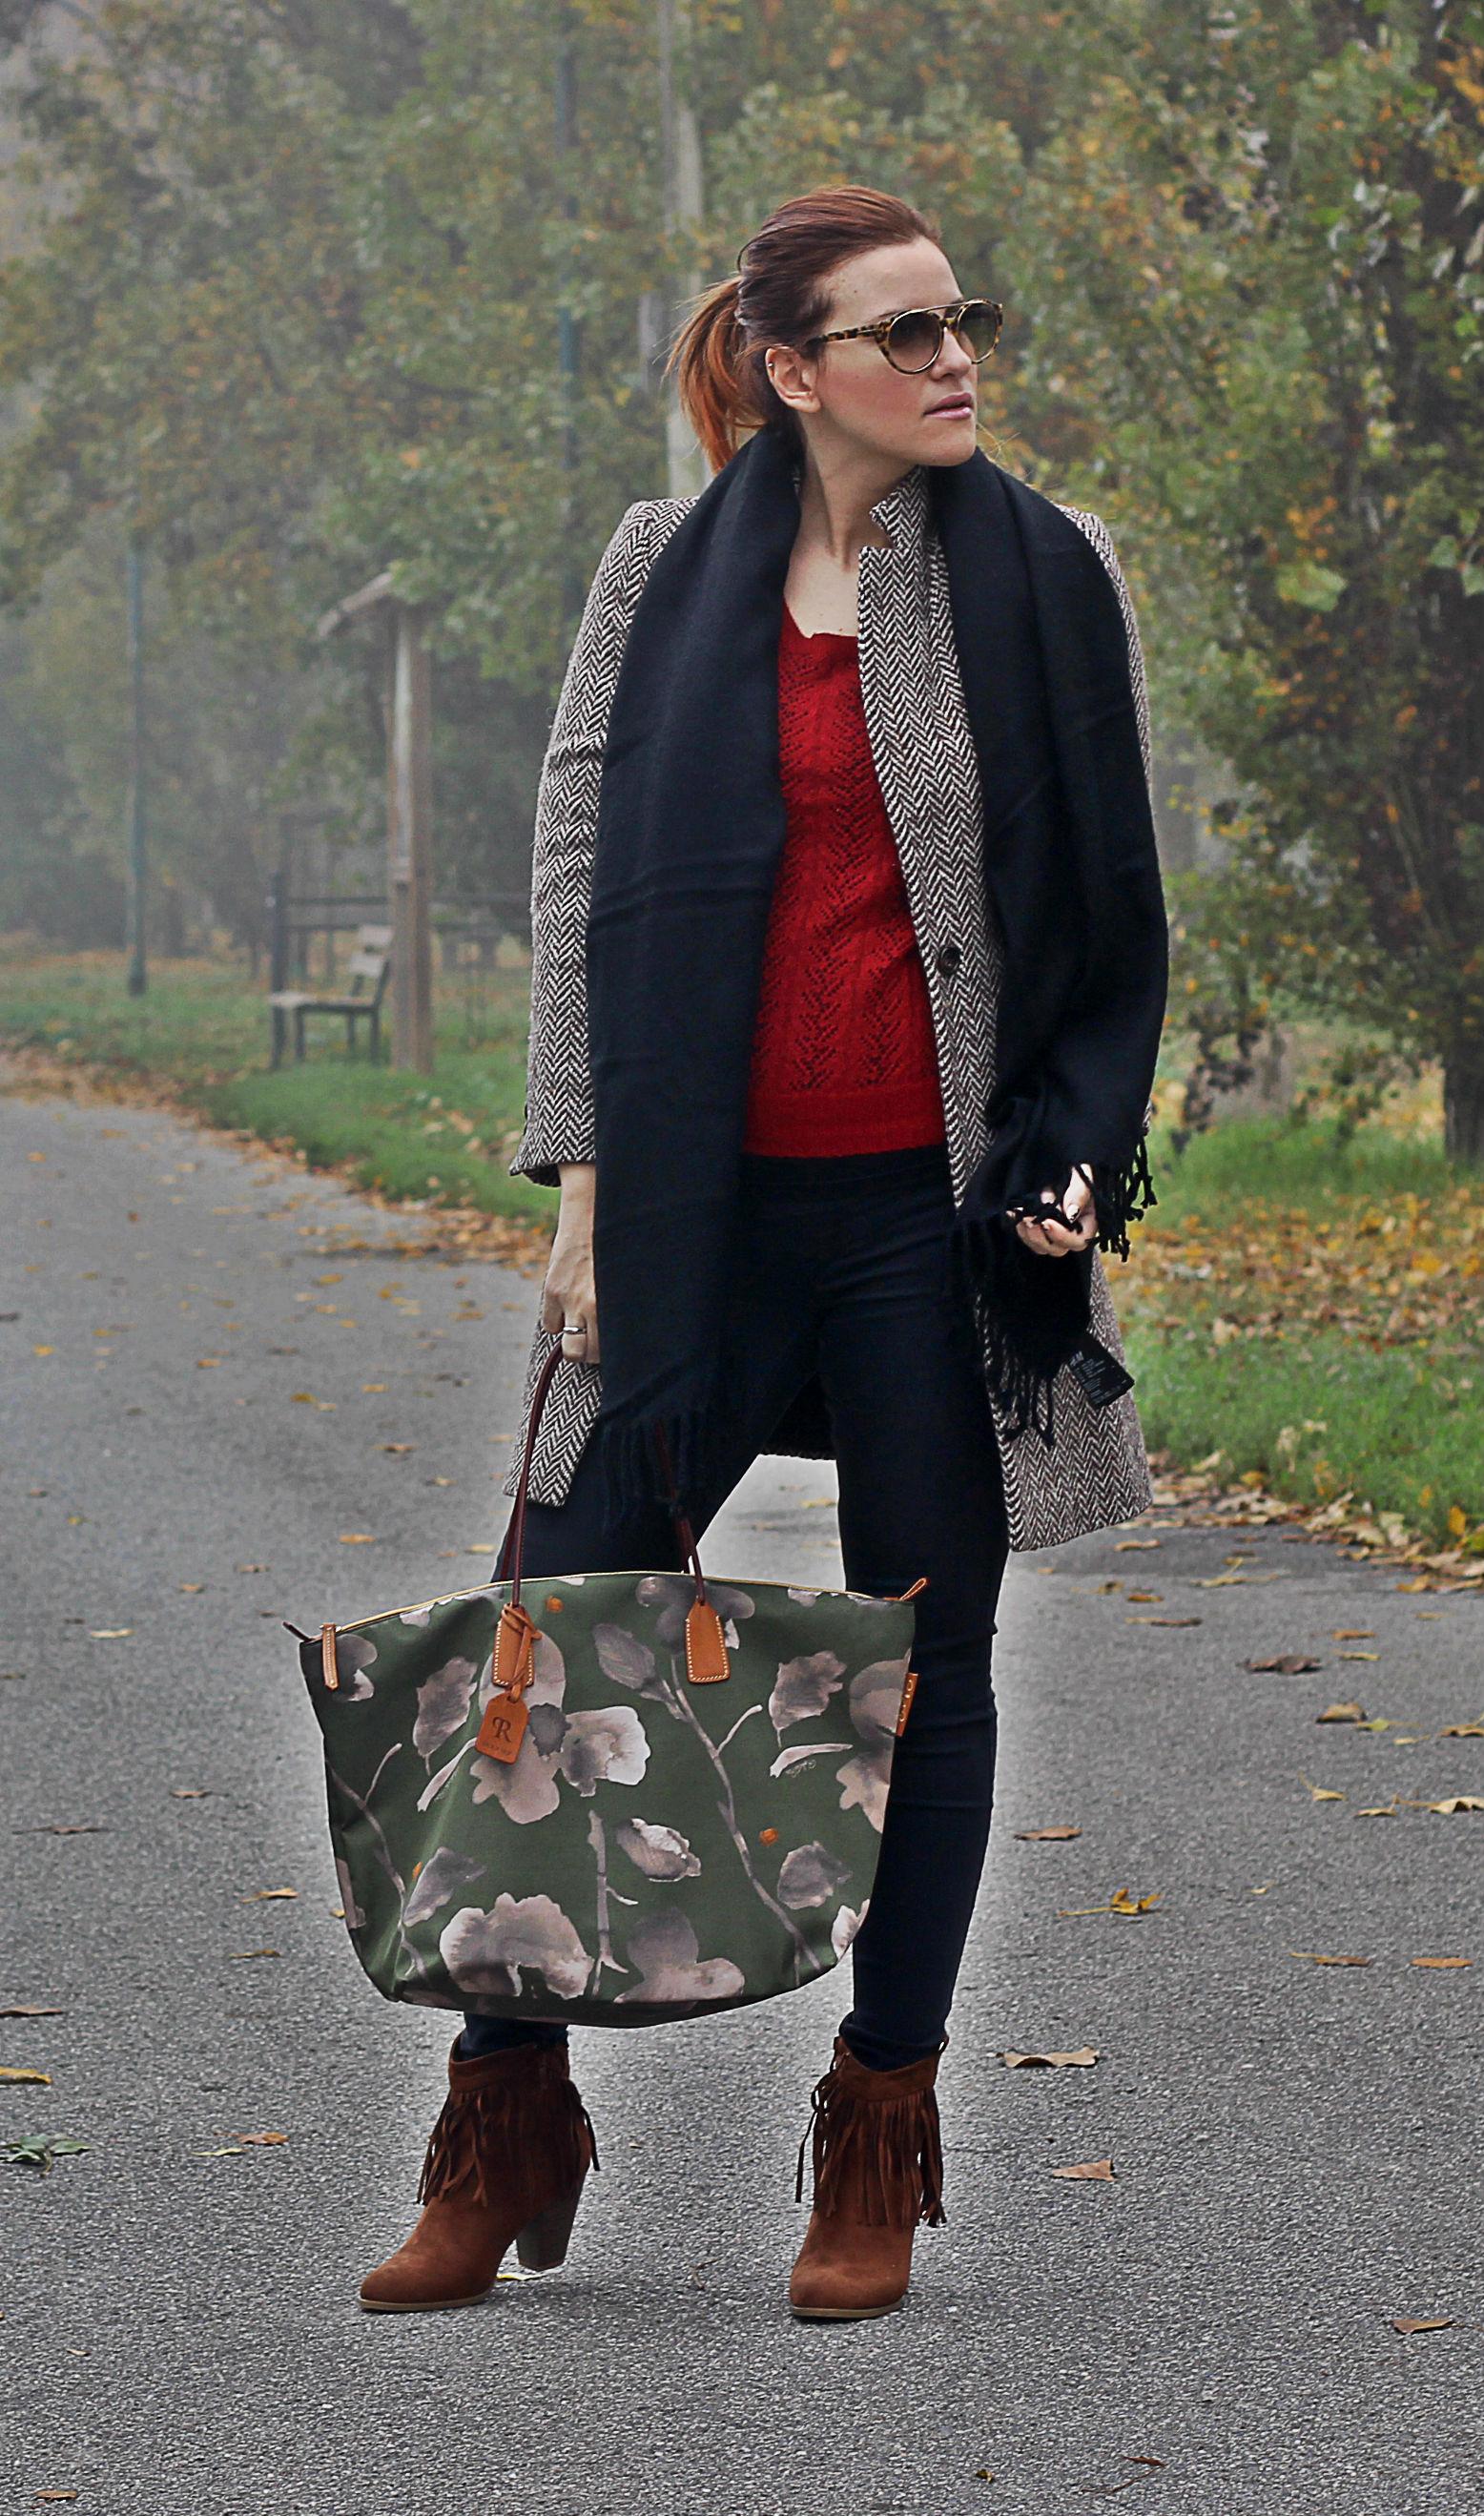 outfit moda donna - fashion blogger incinta 6 mesi - moda donna outfit autunno